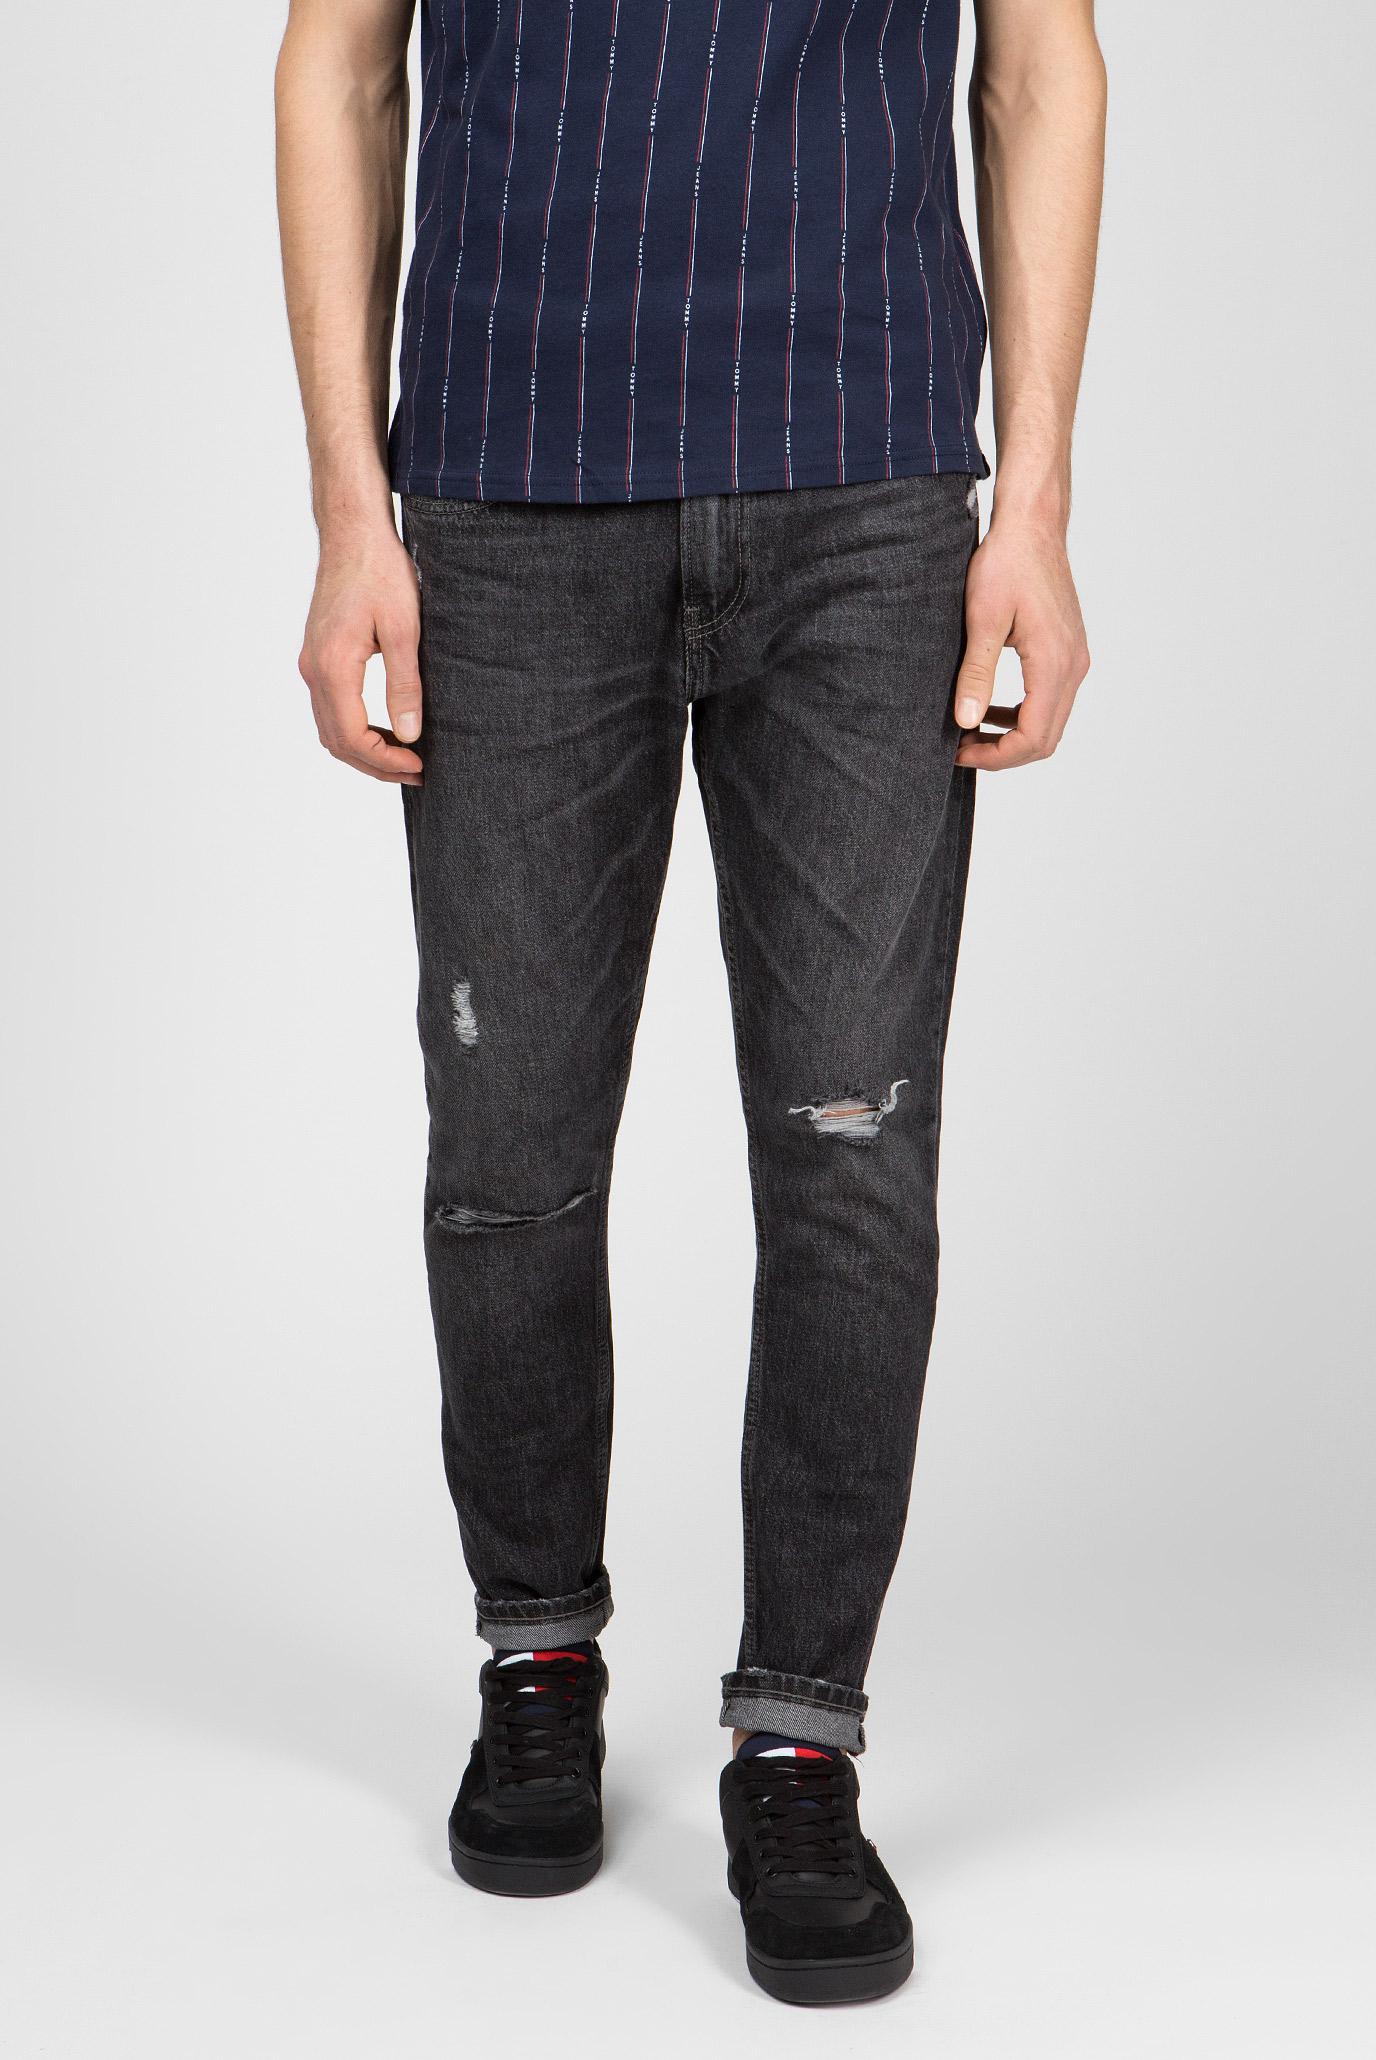 Купить Мужские серые джинсы MODERN TAPERED TJ 1988 ABLRGD Tommy Hilfiger Tommy Hilfiger DM0DM04916 – Киев, Украина. Цены в интернет магазине MD Fashion